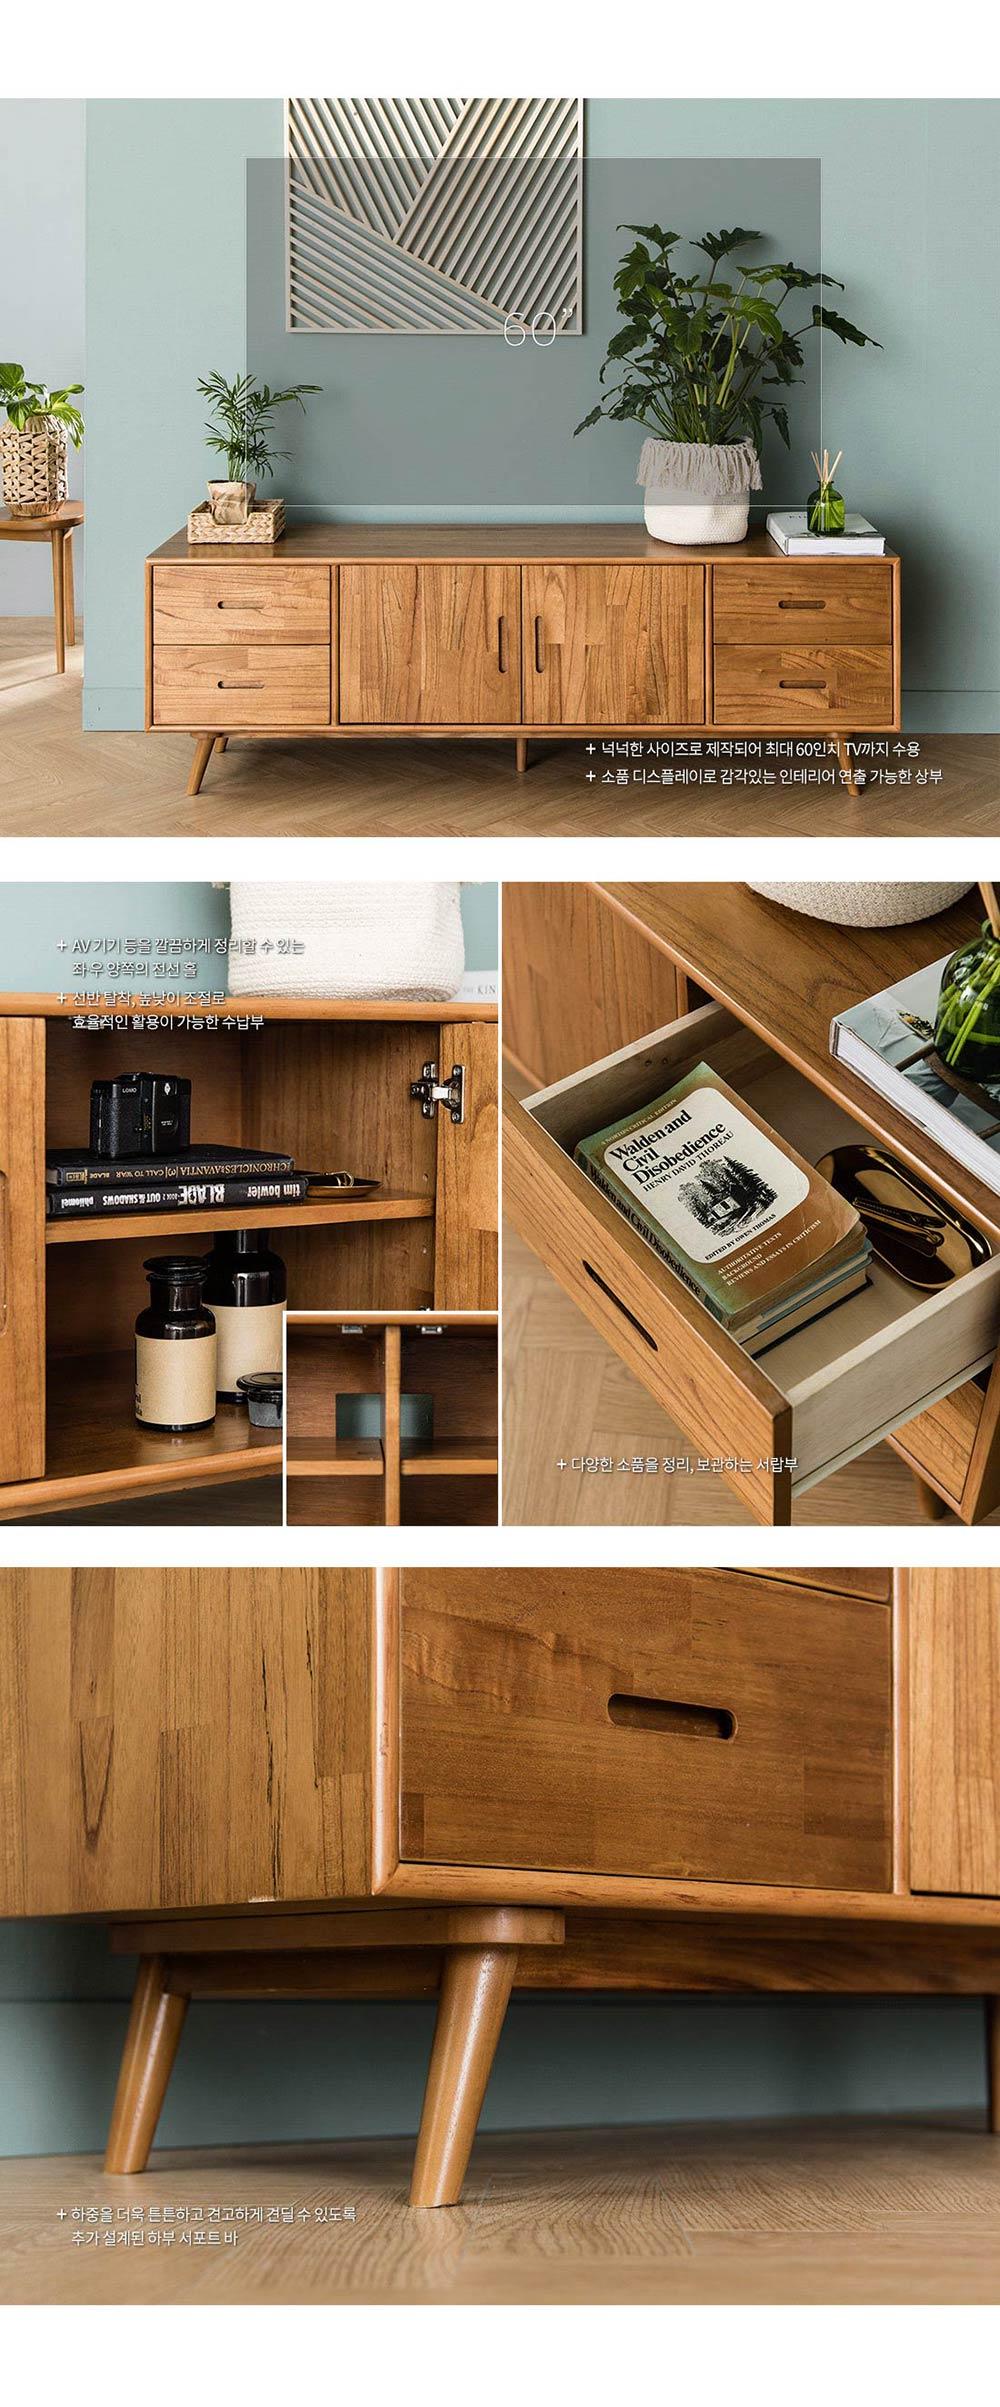 New_Retro_TV_Console_Usage_1_Furniture_Online_Singapore_born_in_colour